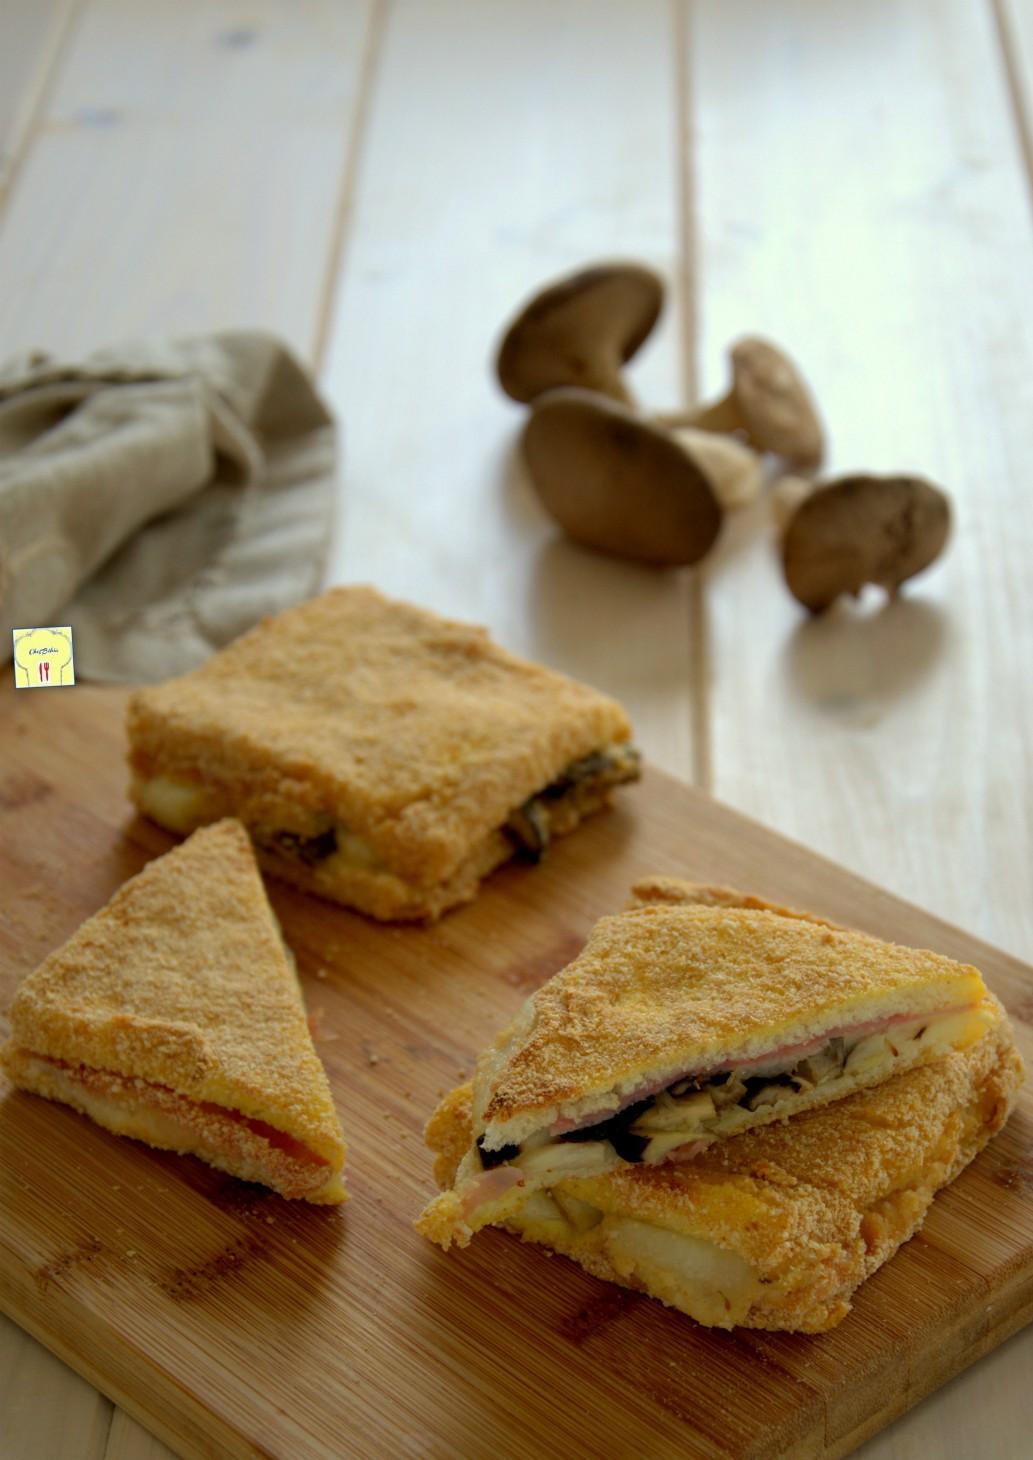 Mozzarella in carrozza al forno funghi e prosciutto for Ricette mozzarella in carrozza al forno